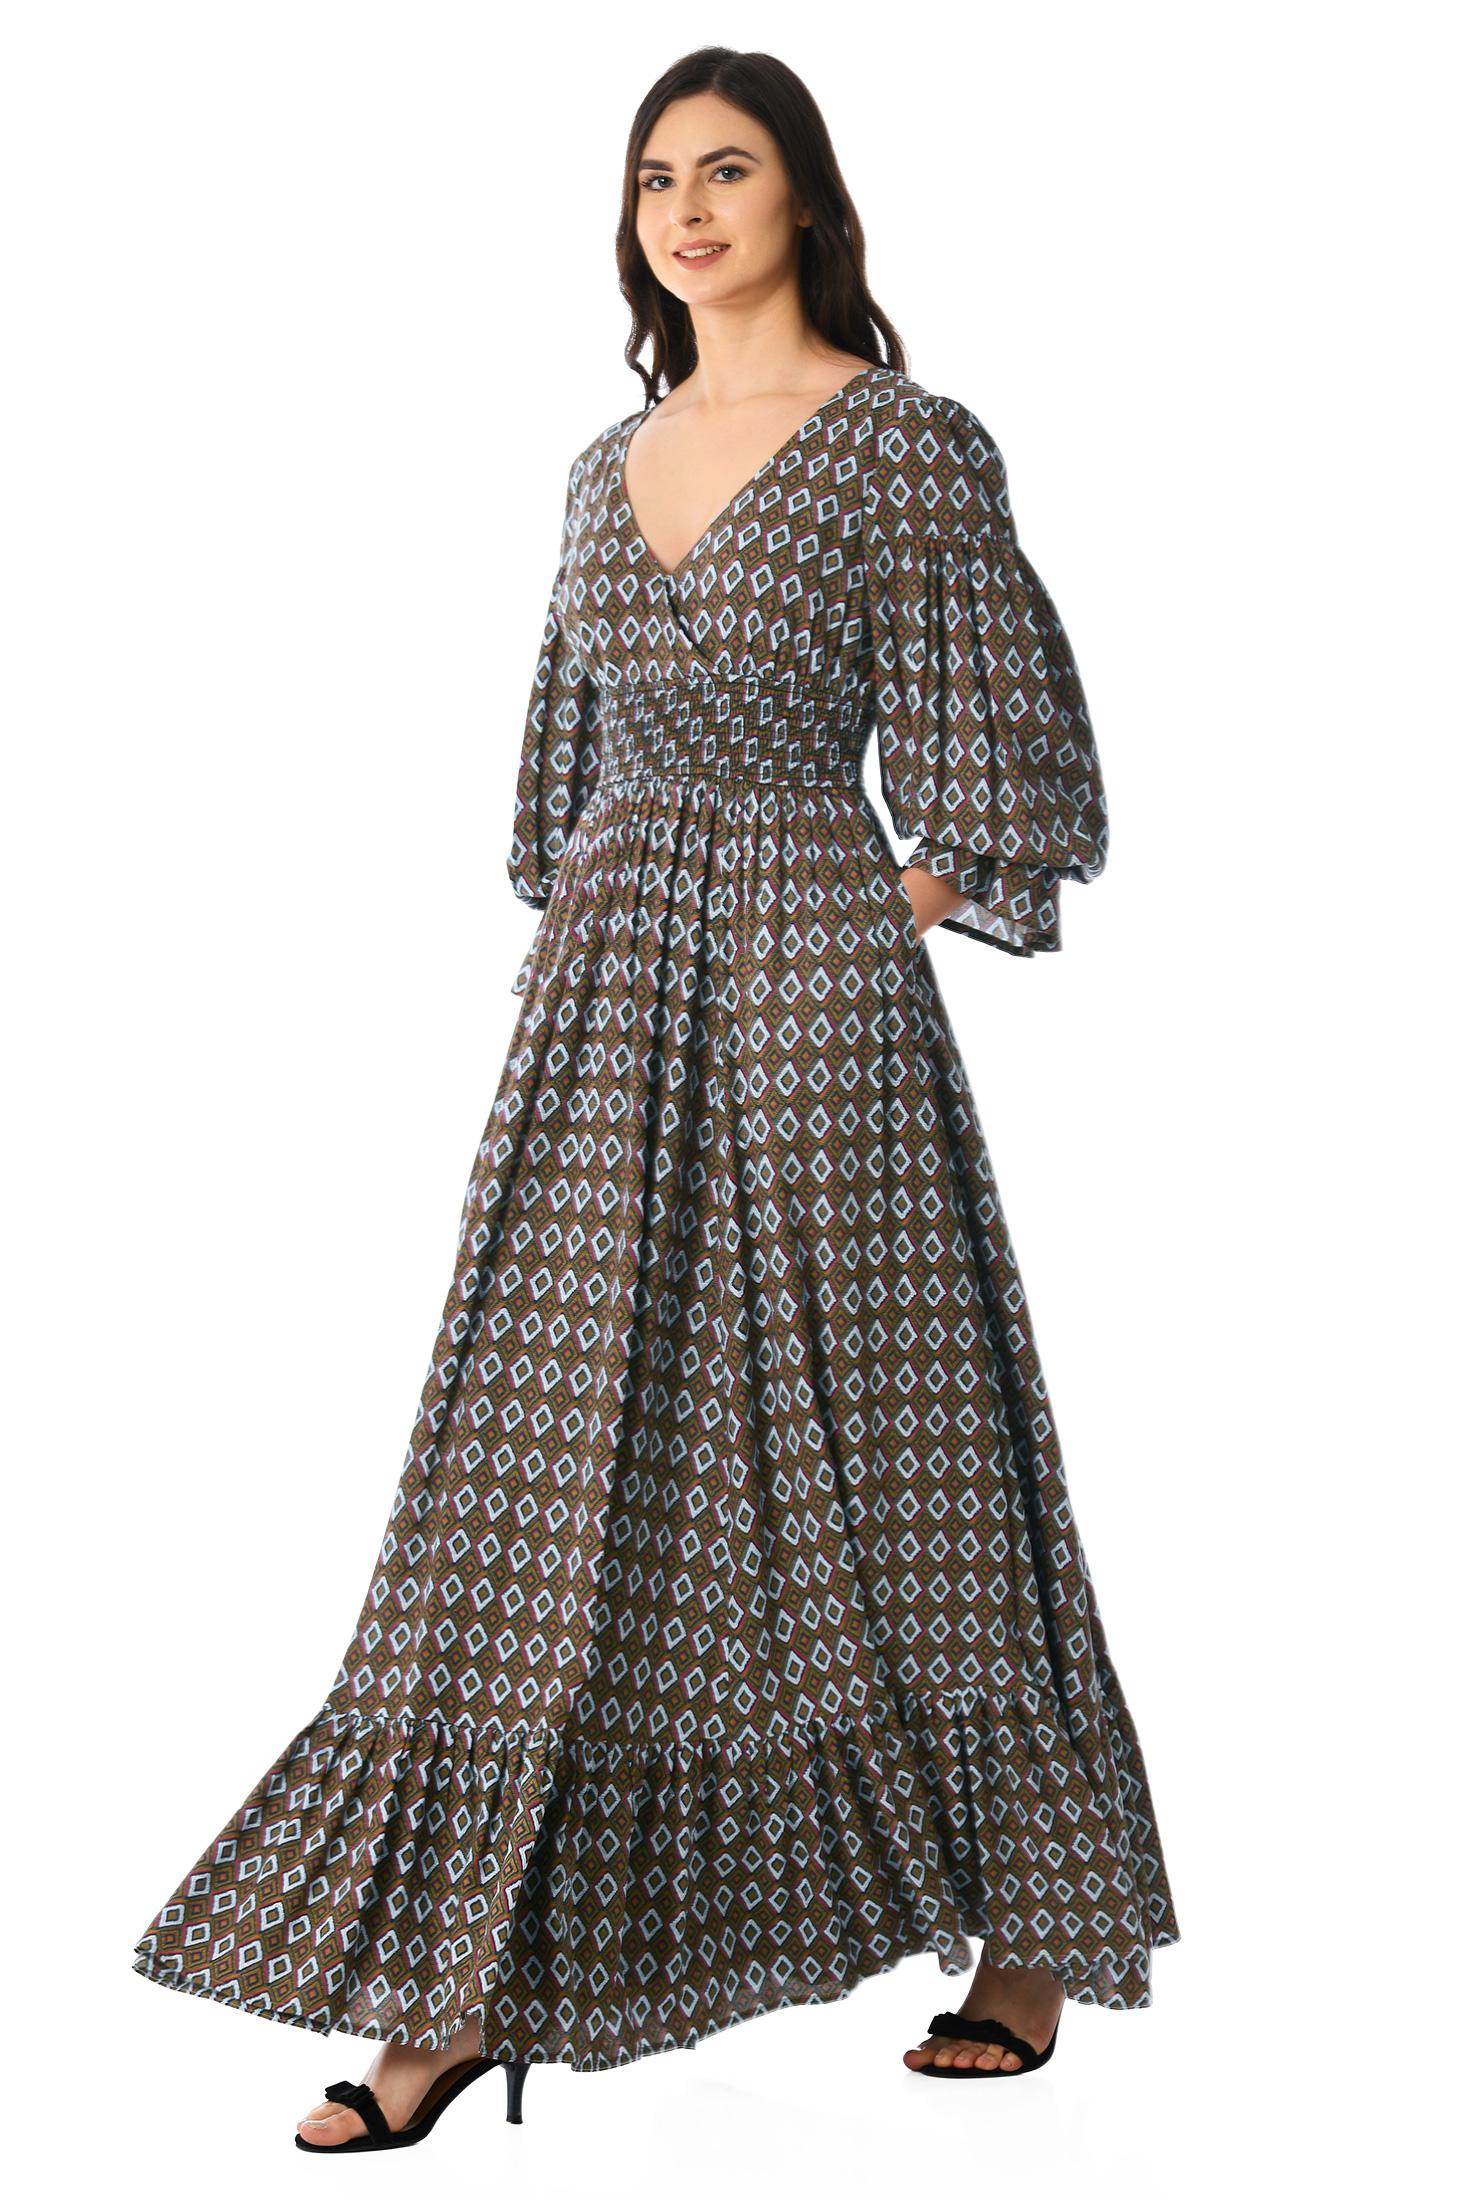 8c1943c532b6b Brown/white/black multi maxi, Deep V-neck maxi dresses,